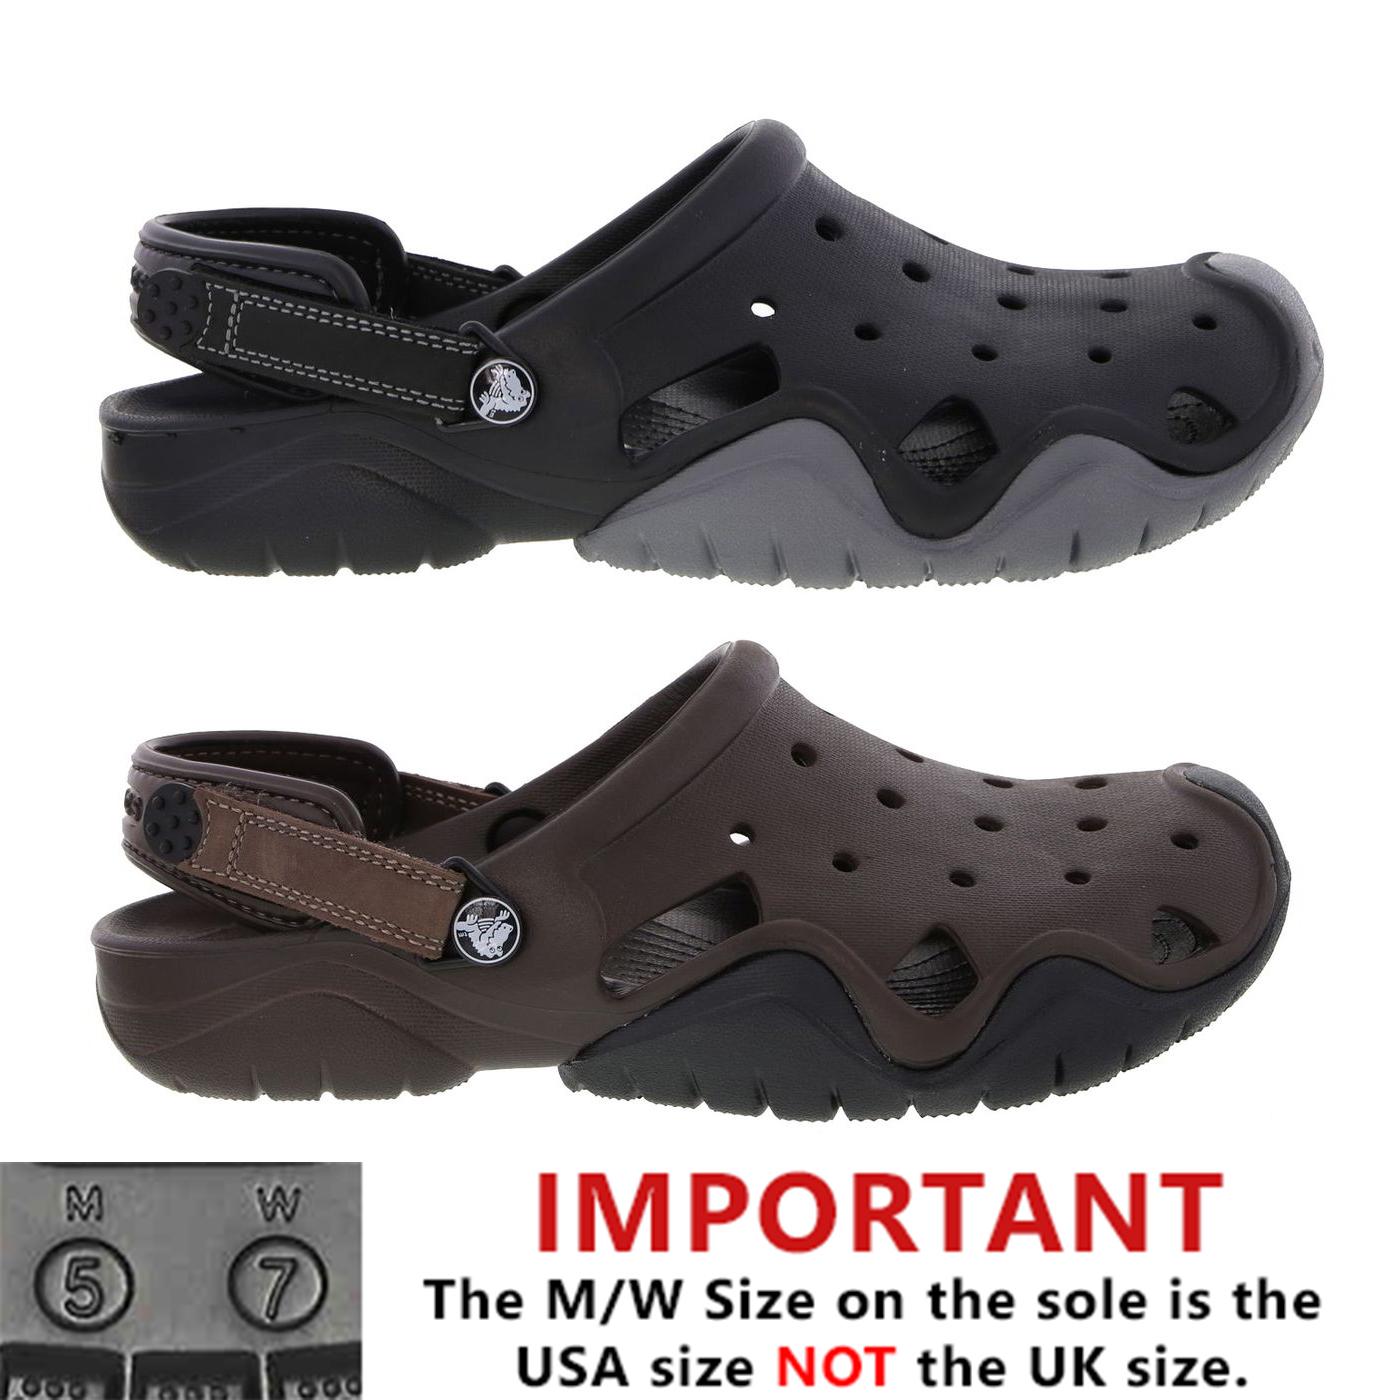 6a559e61bb1ac Detalles de Crocs Swiftwater zueco para hombre Negro Marrón Resbalón En  Sandalias Zapatos Talla 7-12- ver título original